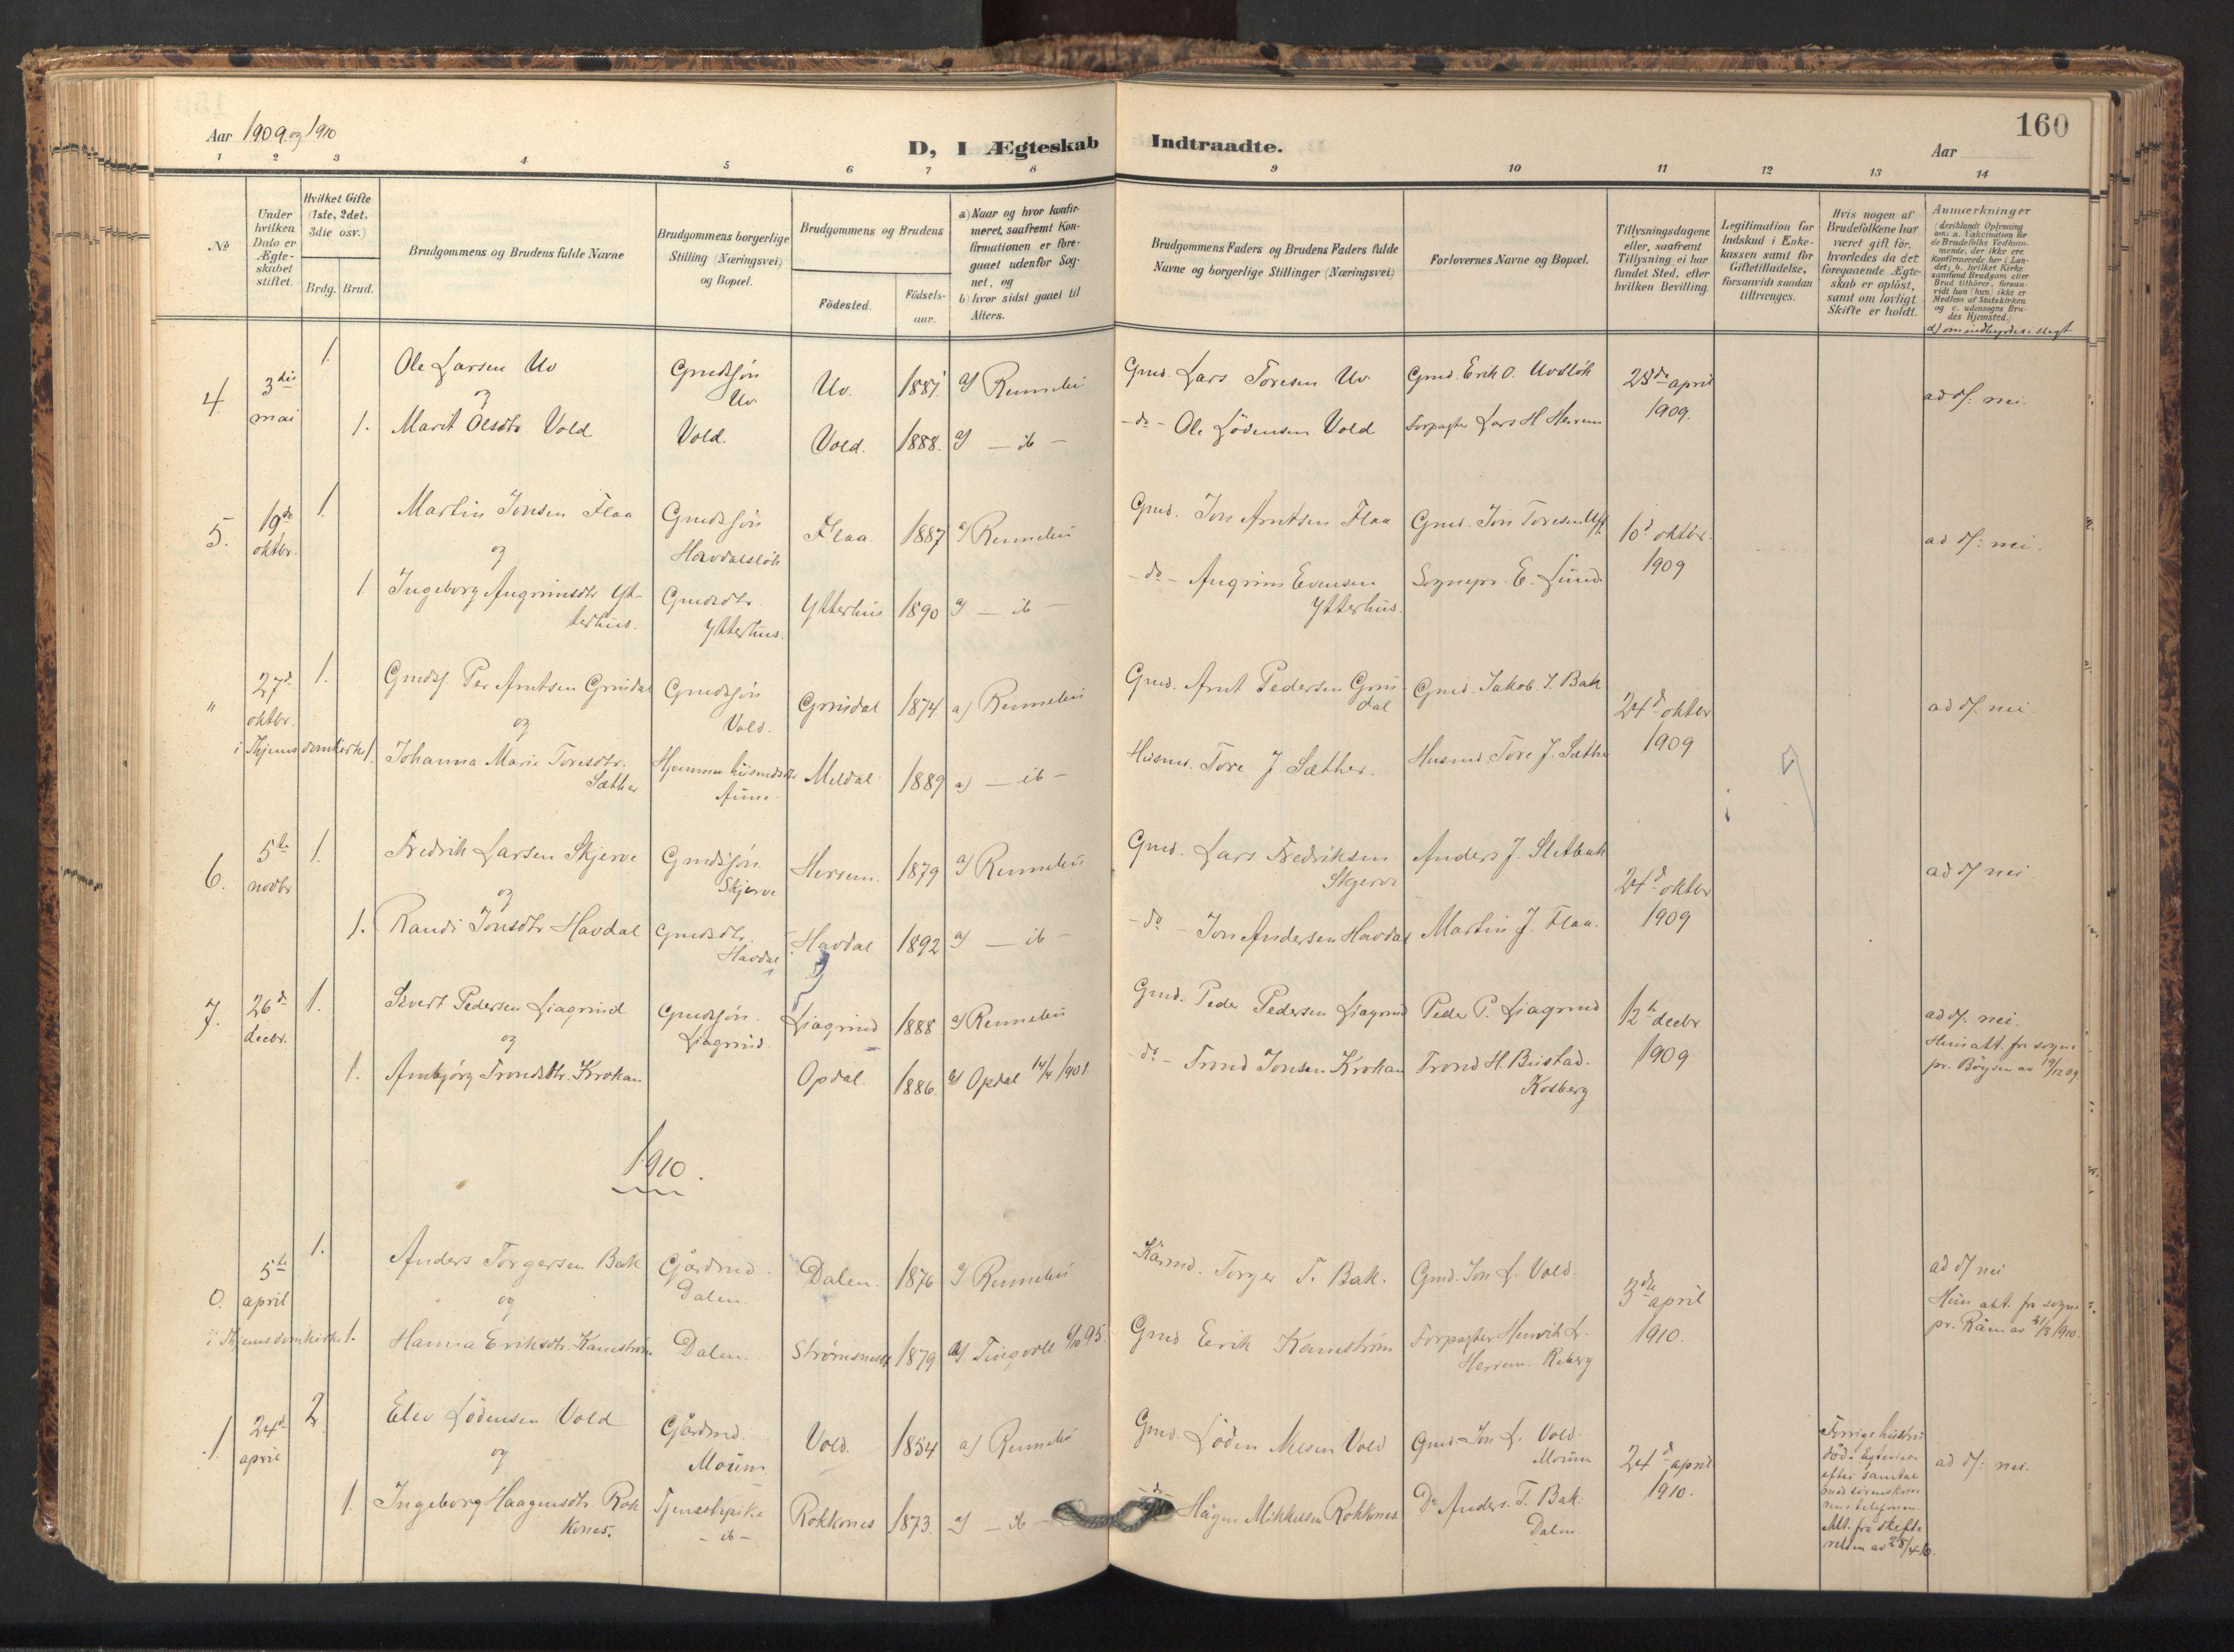 SAT, Ministerialprotokoller, klokkerbøker og fødselsregistre - Sør-Trøndelag, 674/L0873: Ministerialbok nr. 674A05, 1908-1923, s. 160